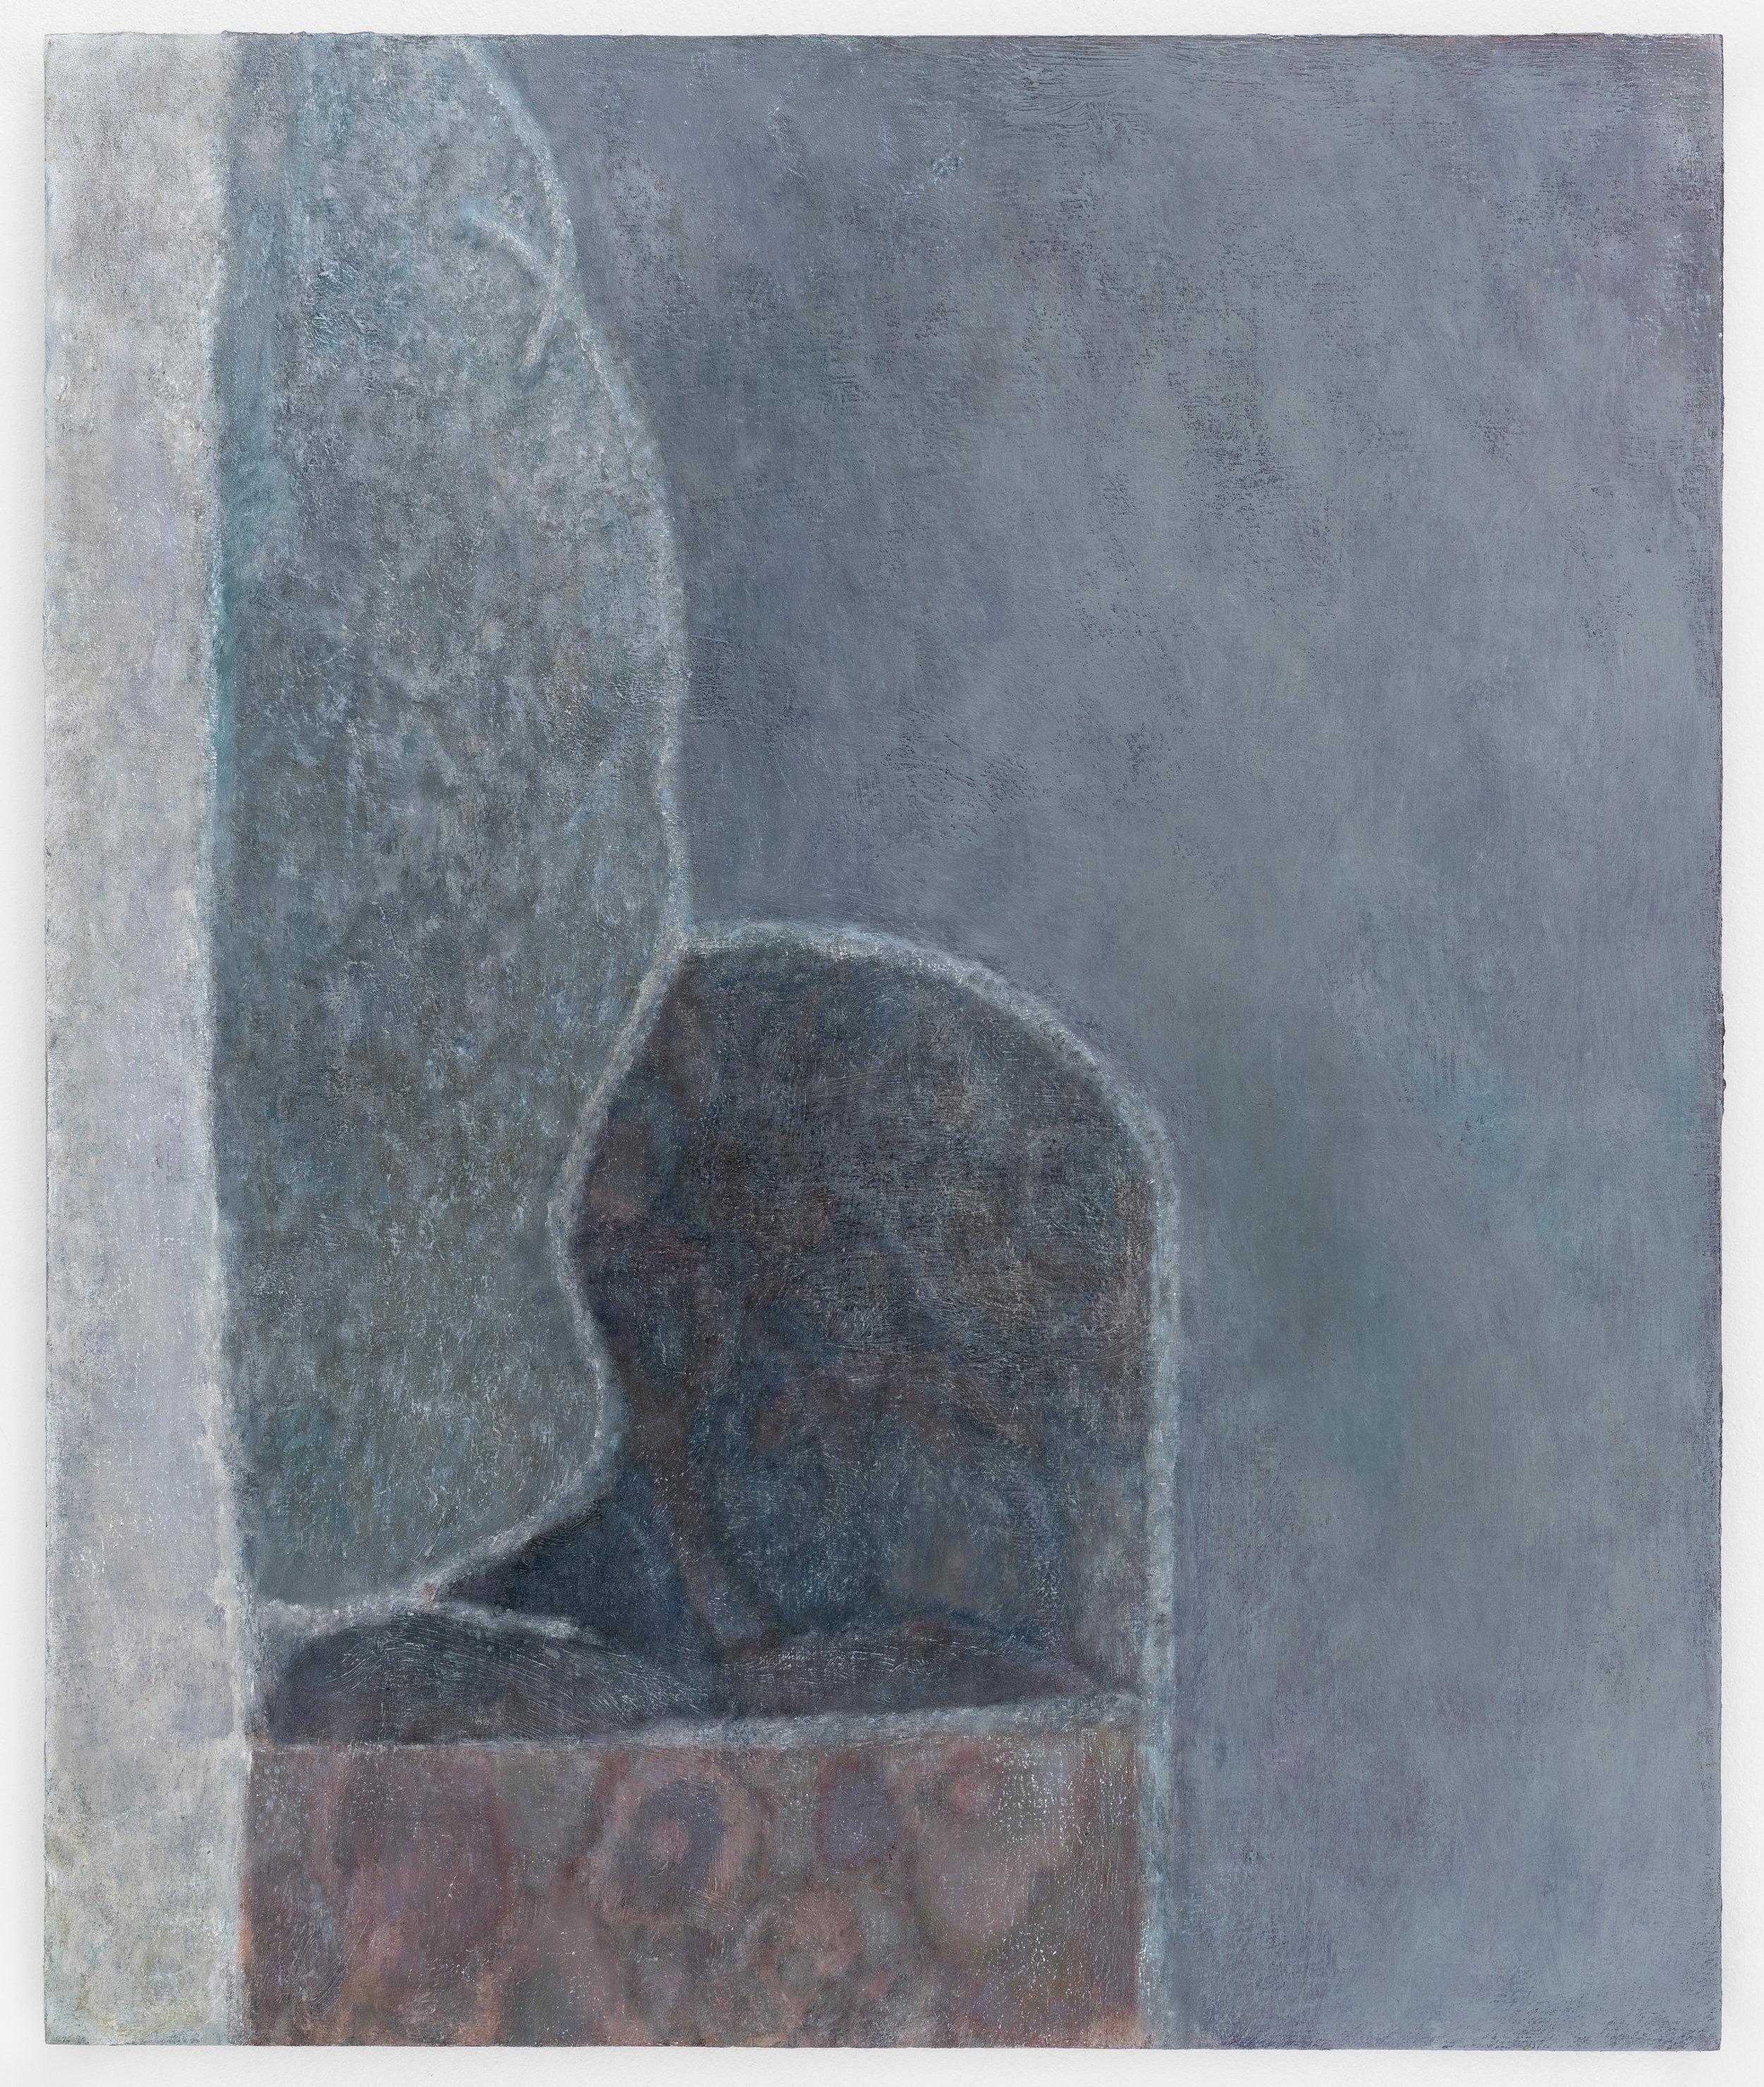 """Laurence Pilon, Safe Place, 2018, oil on panel, 24"""" x 20"""" (61 x 51 cm)"""